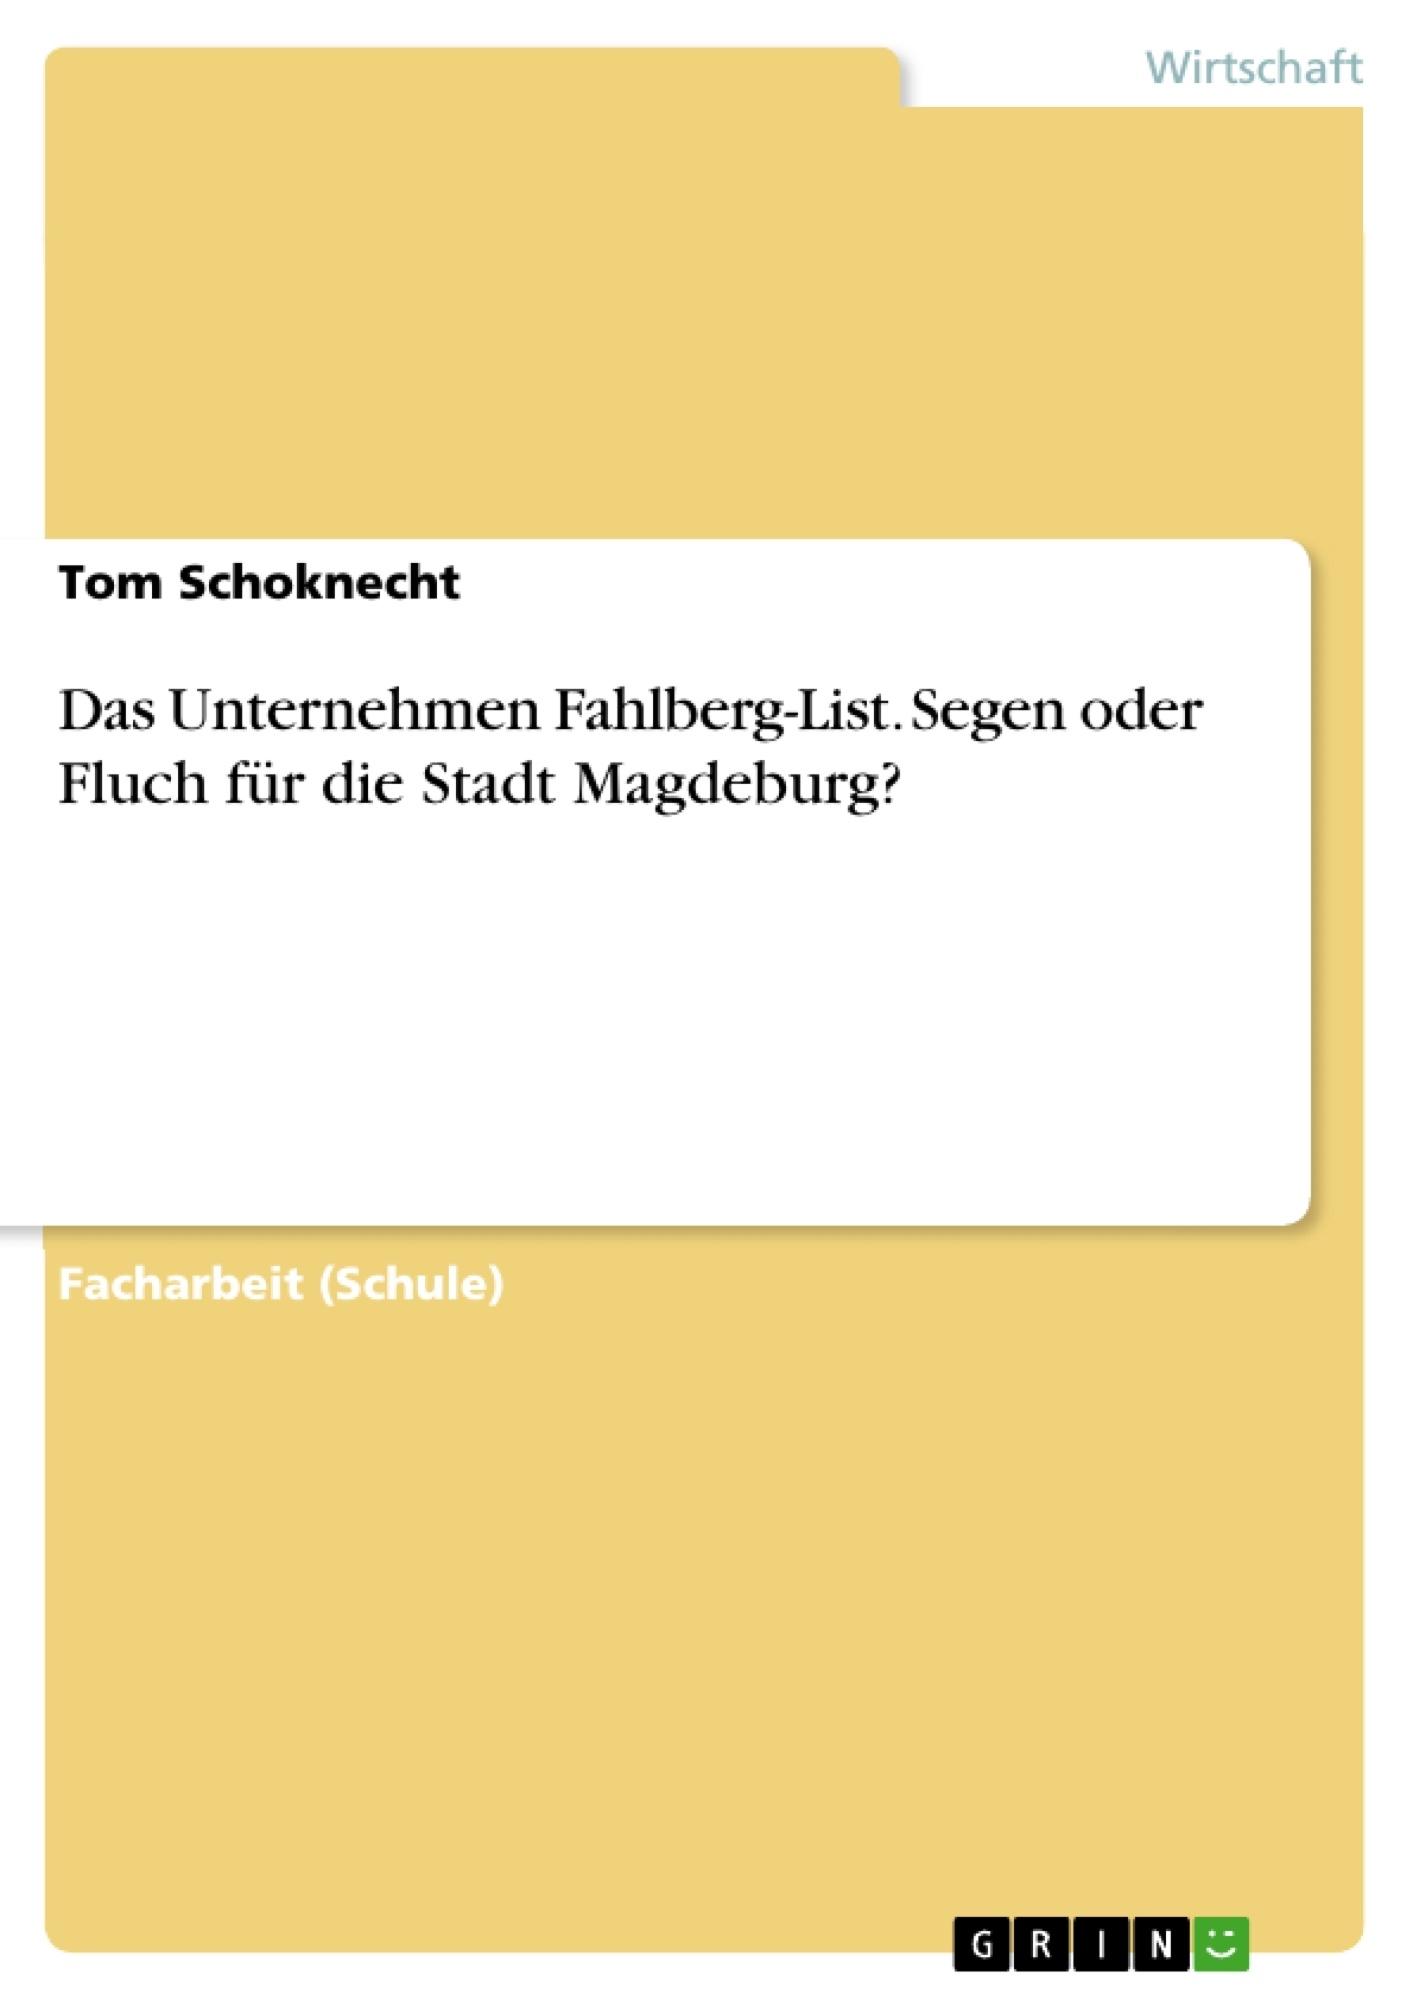 Titel: Das Unternehmen Fahlberg-List. Segen oder Fluch für die Stadt Magdeburg?